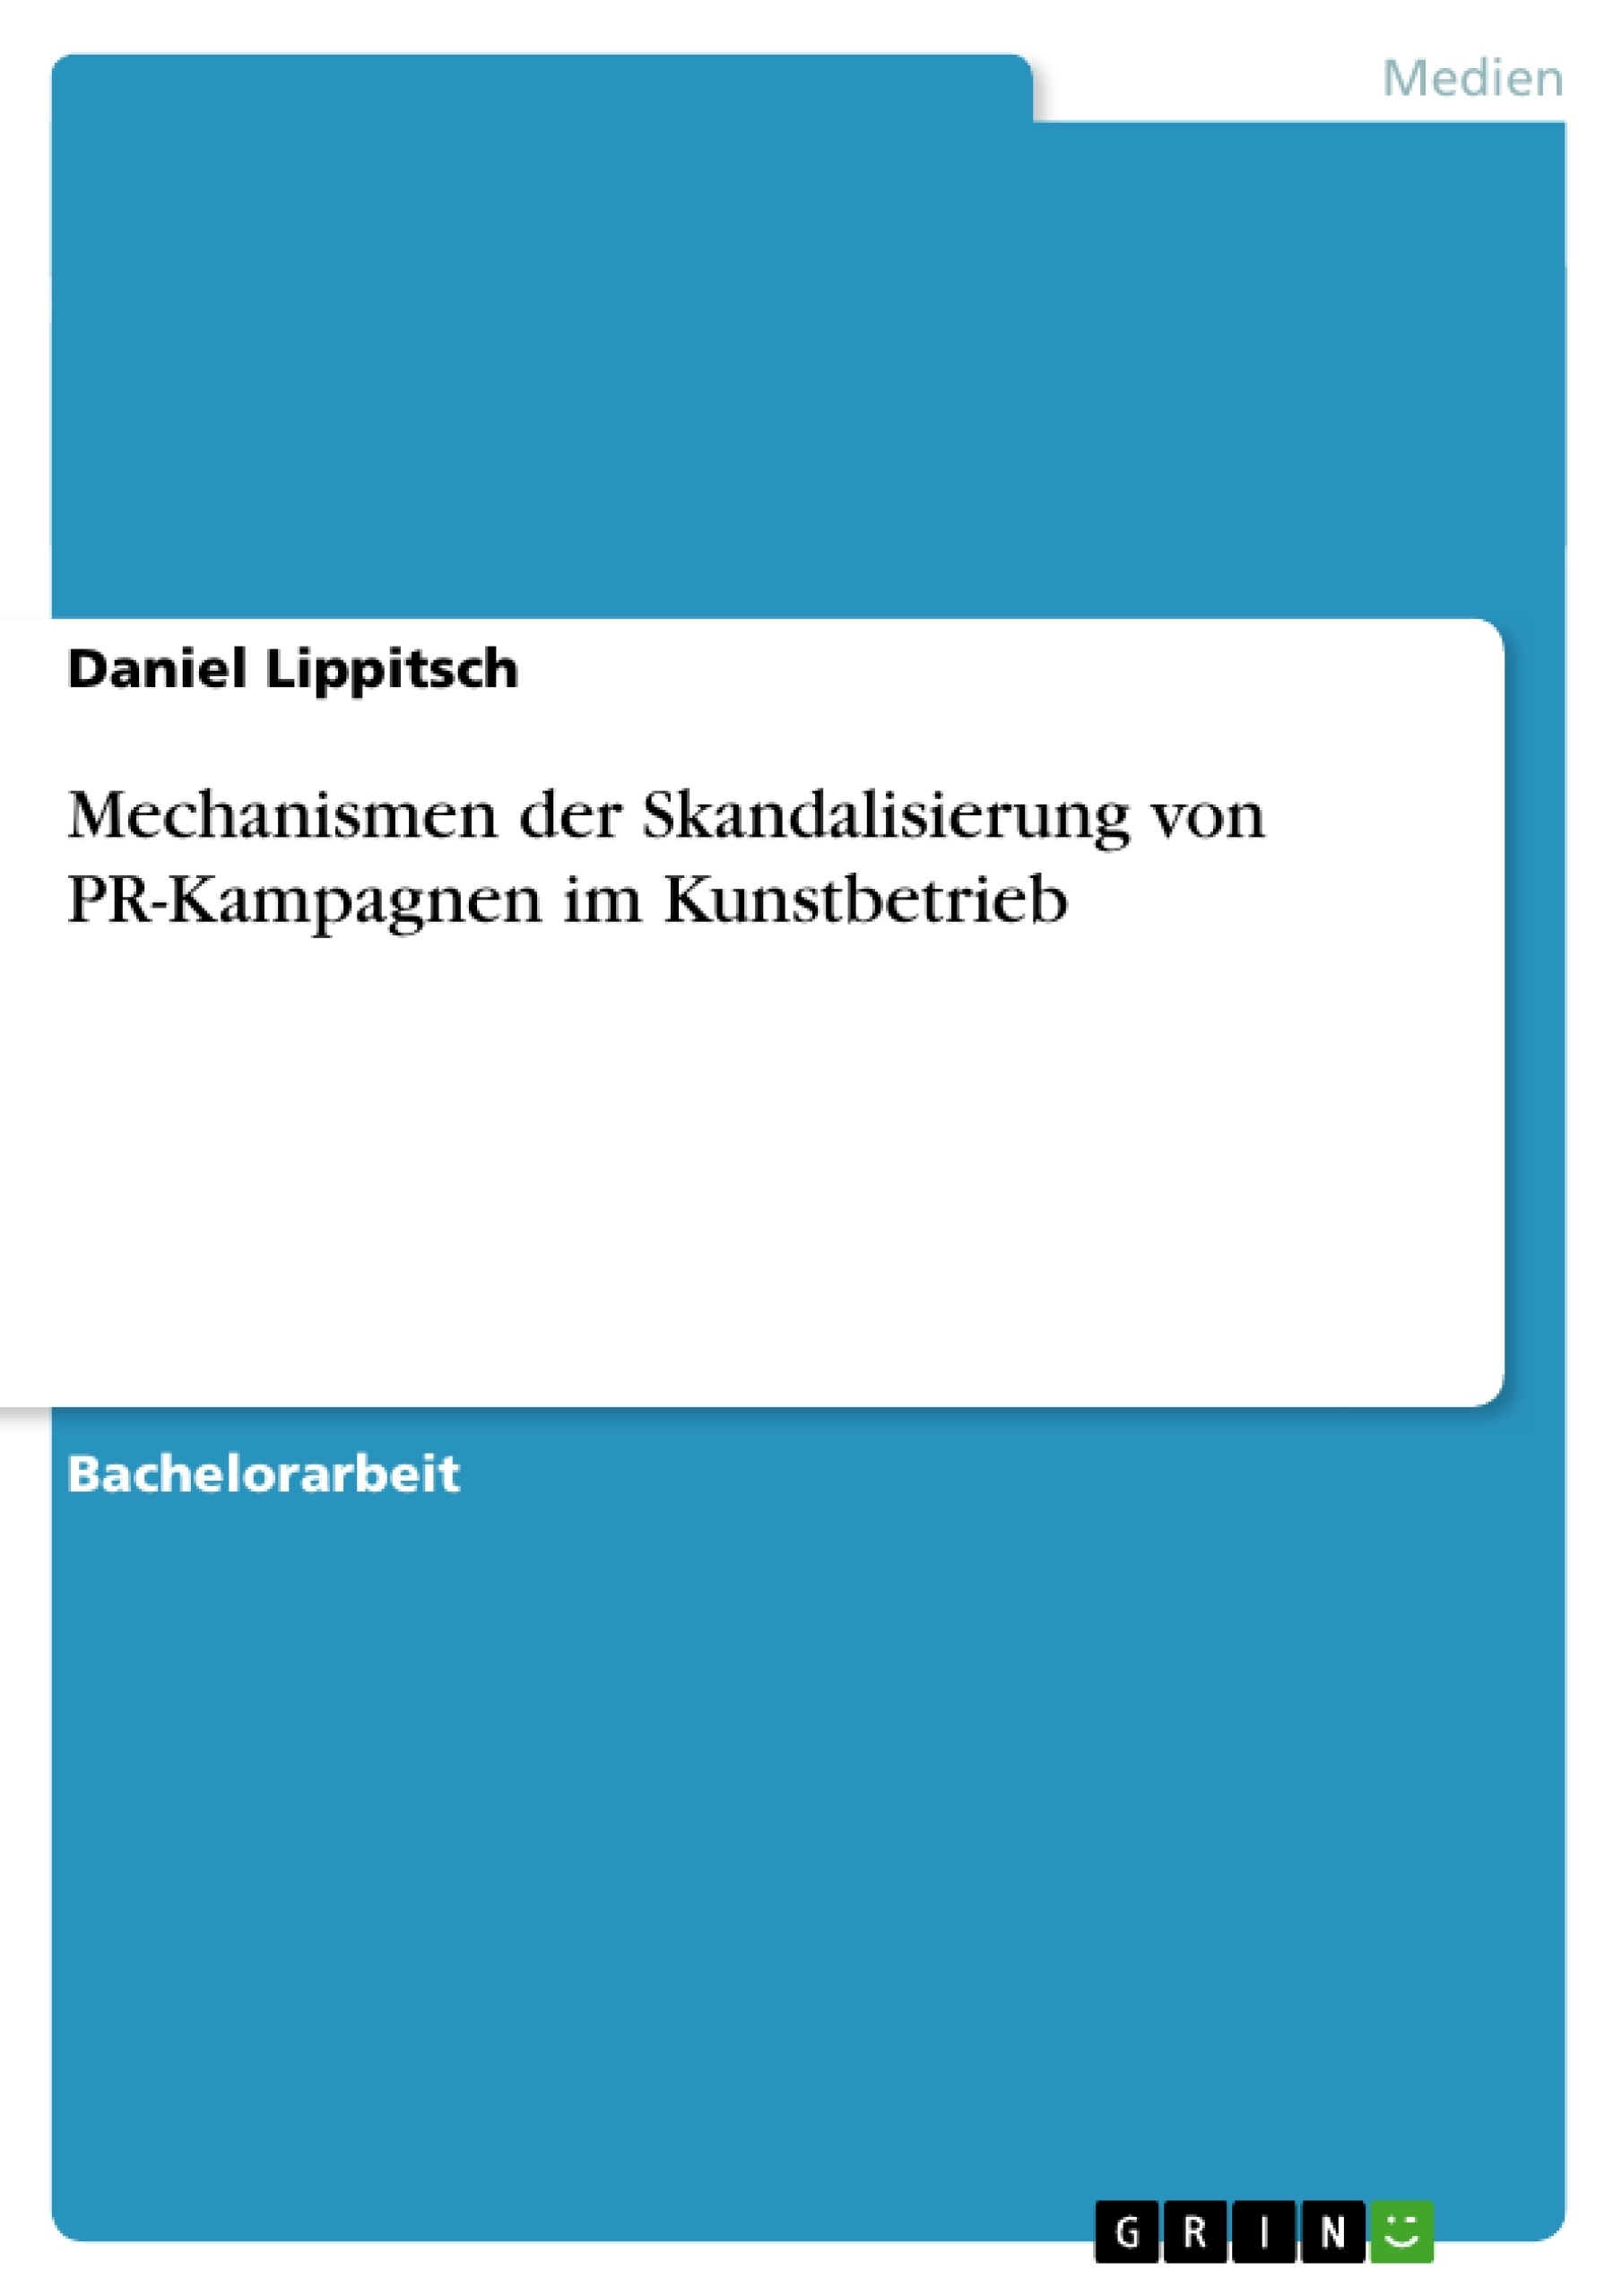 Titel: Mechanismen der Skandalisierung von PR-Kampagnen im Kunstbetrieb